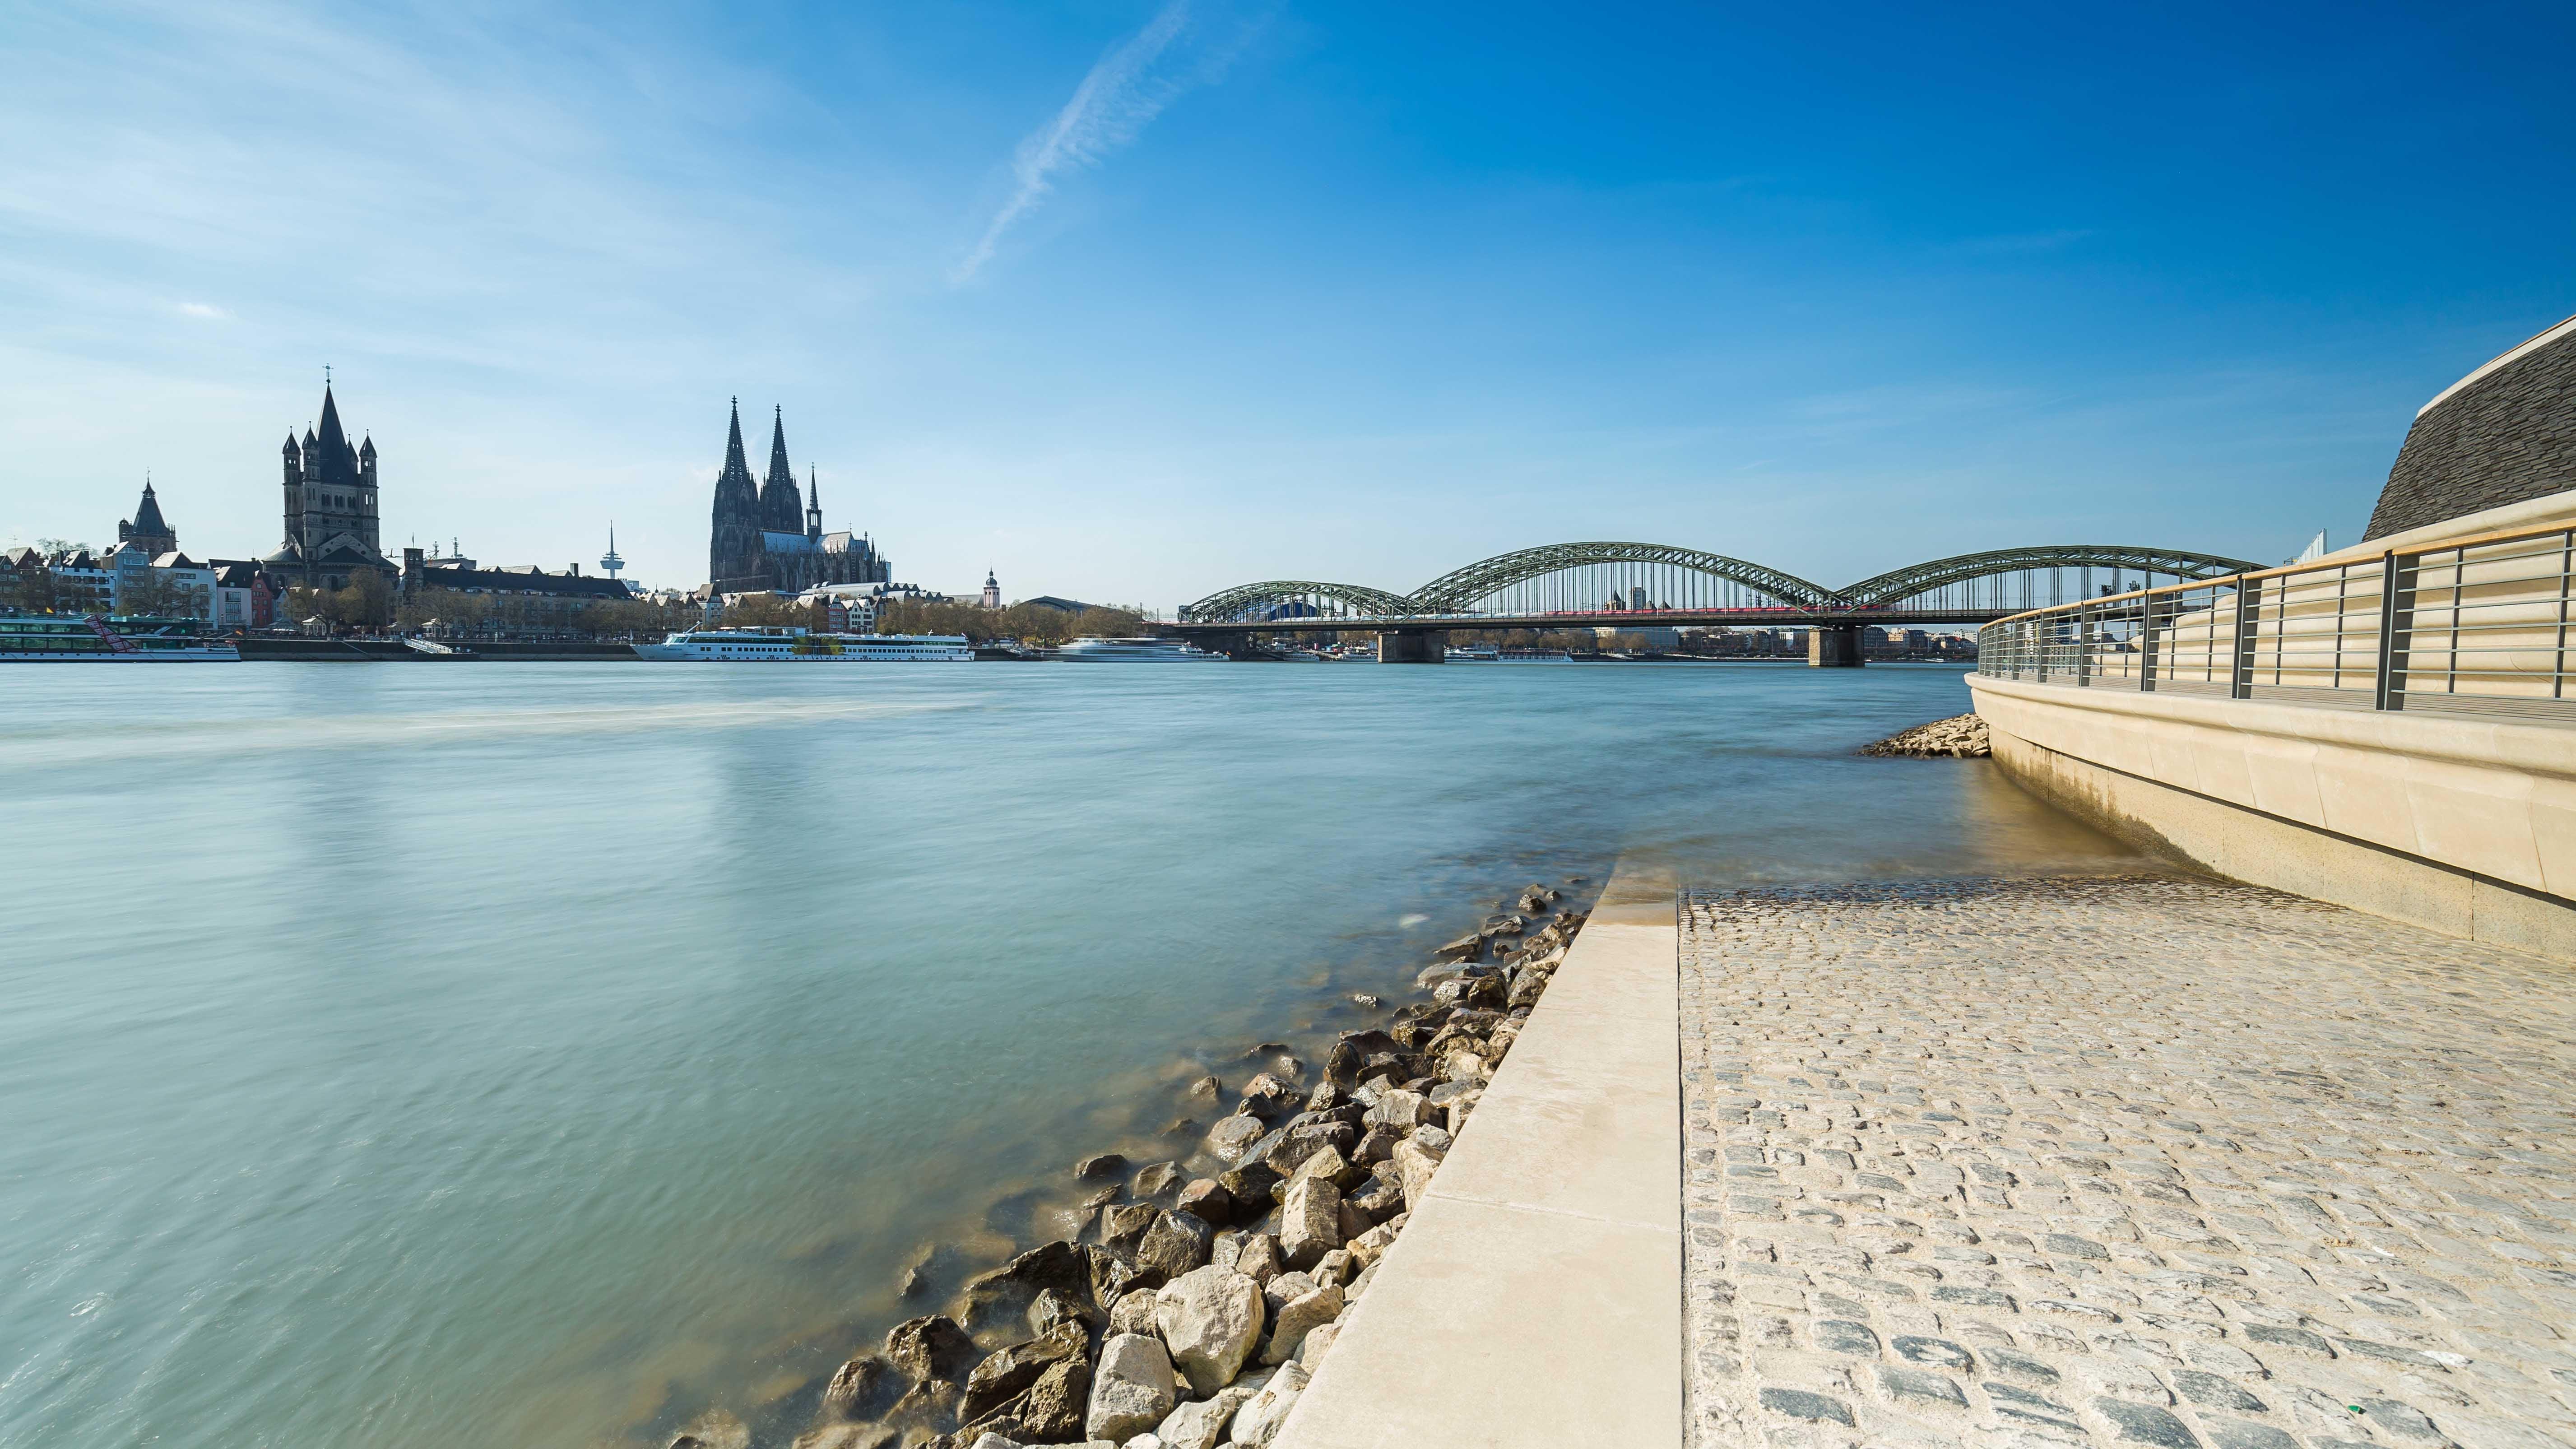 Rettung in der Großstadthitze: In diesen Flüssen können Sie baden